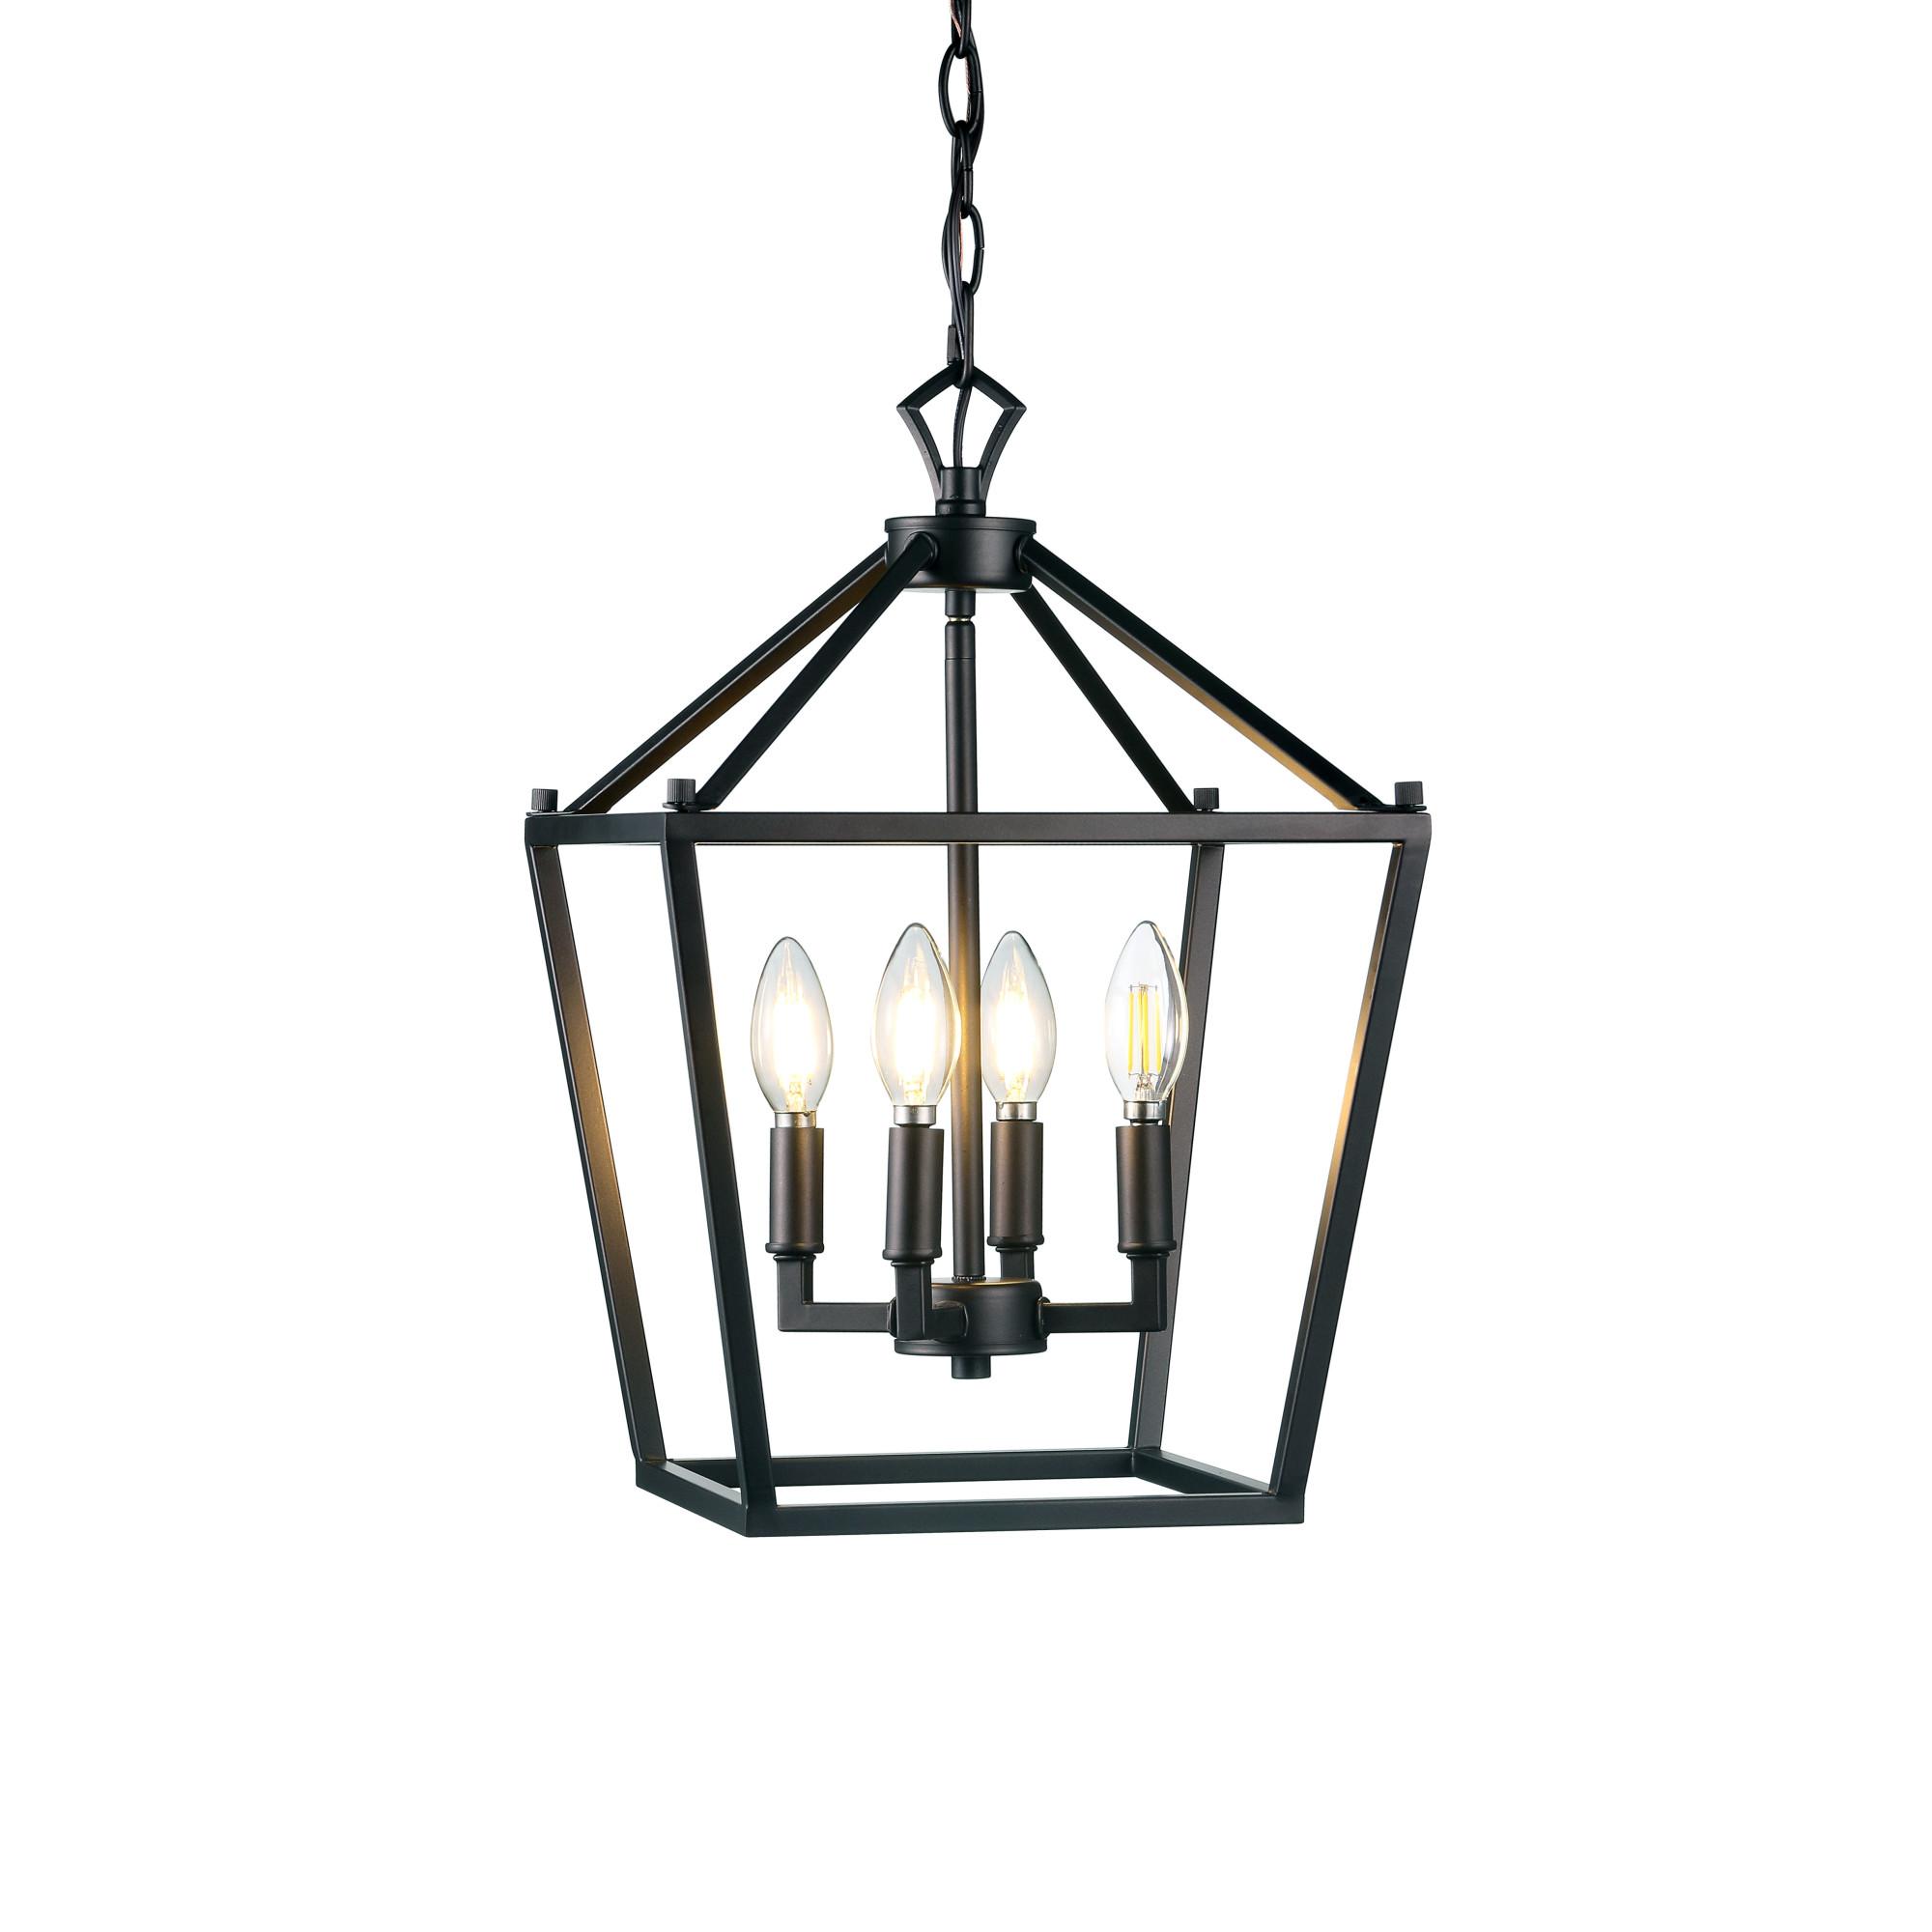 Jonathan Y Lighting Jyl Pagoda 4 Light 12 Wide Led